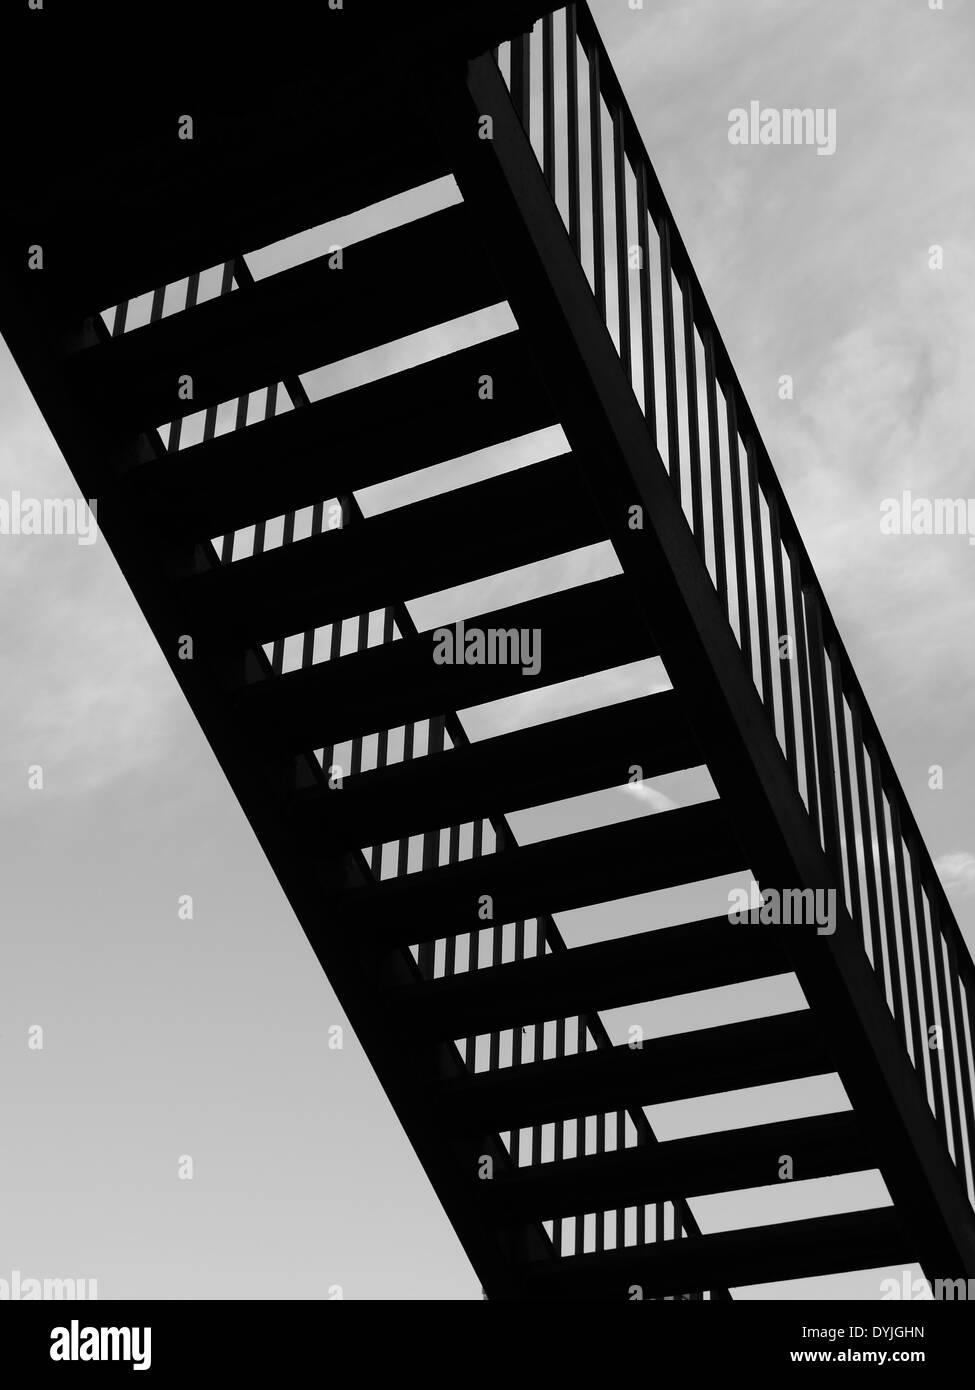 Image abstraite de l'escalier métallique en silhouette - art / style créatif Photo Stock